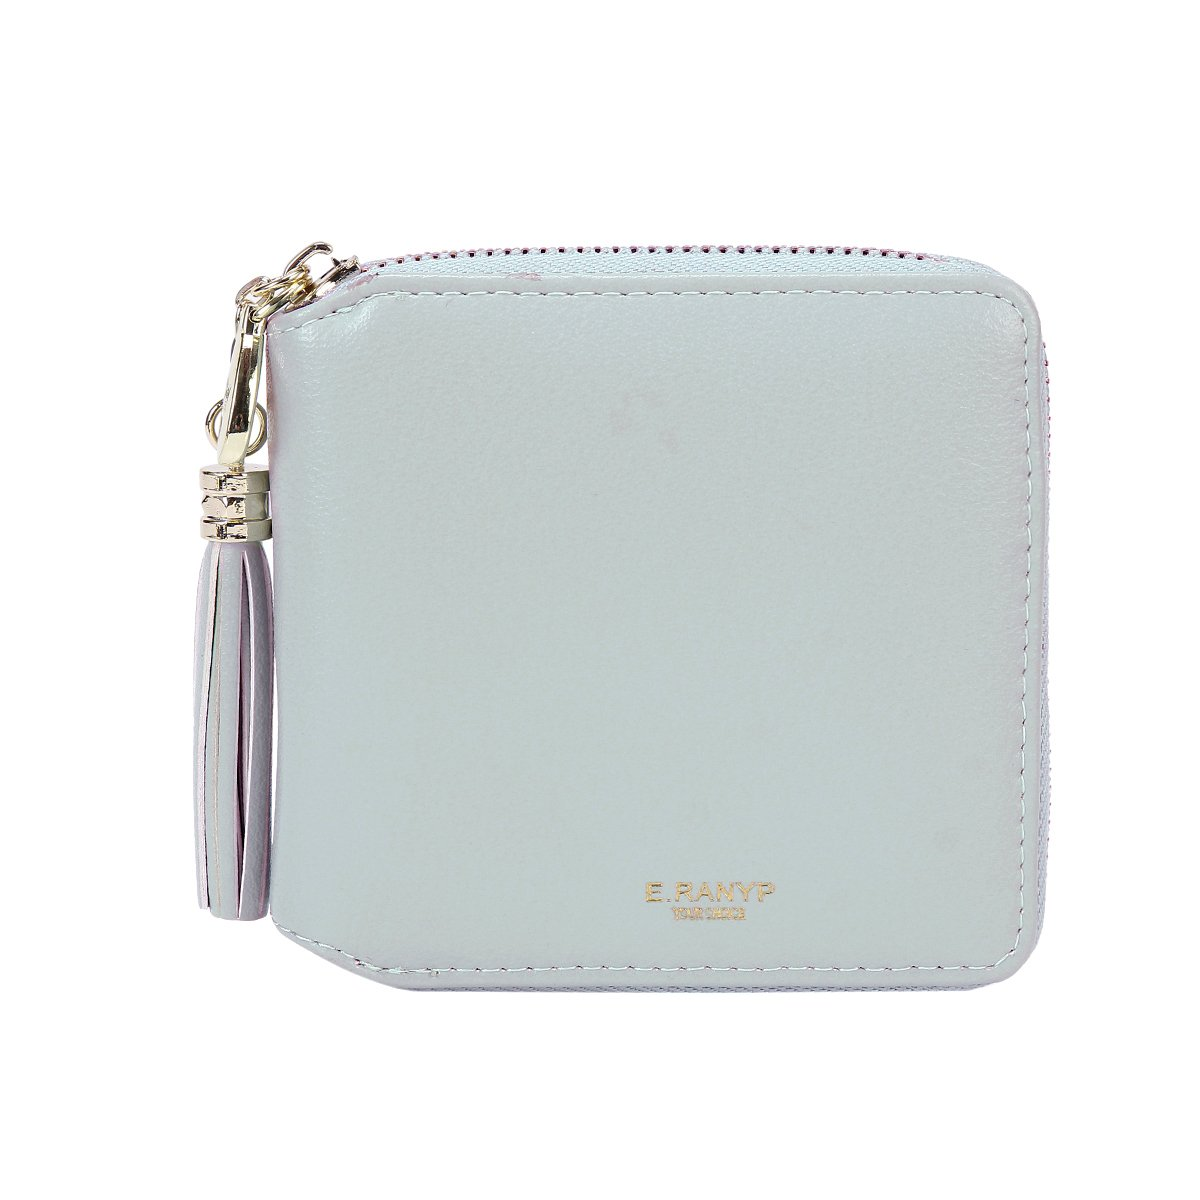 Damara Womens Practical Tassel Zipper Mini Coin Case Wallet,Light Blue